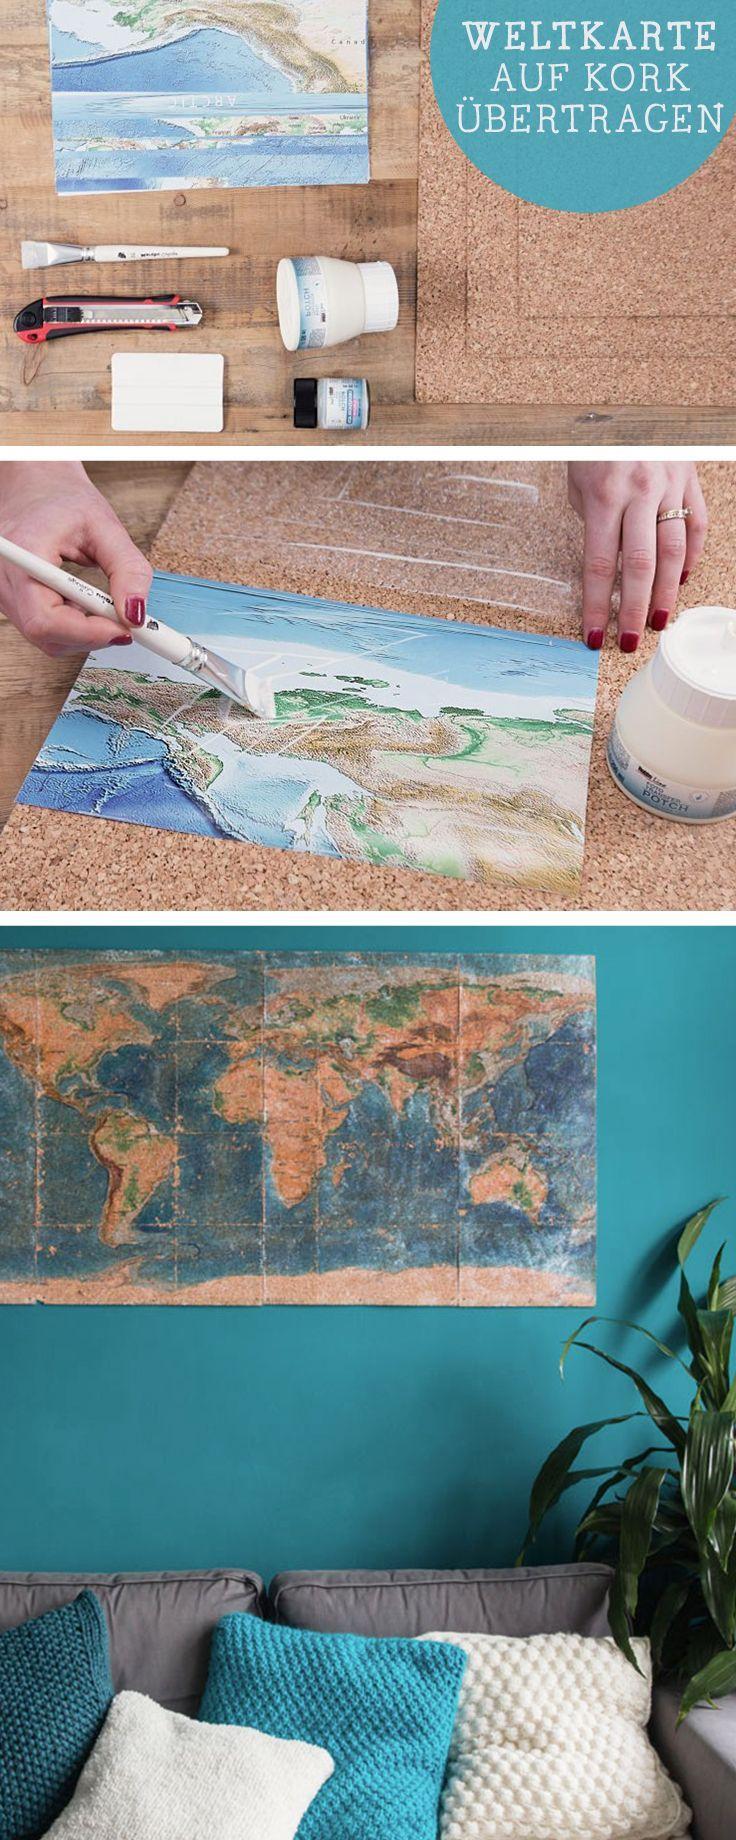 New DIY Anleitung f r selbstgemachte Wanddeko Weltkarte auf Kork bertragen diy tutorial world